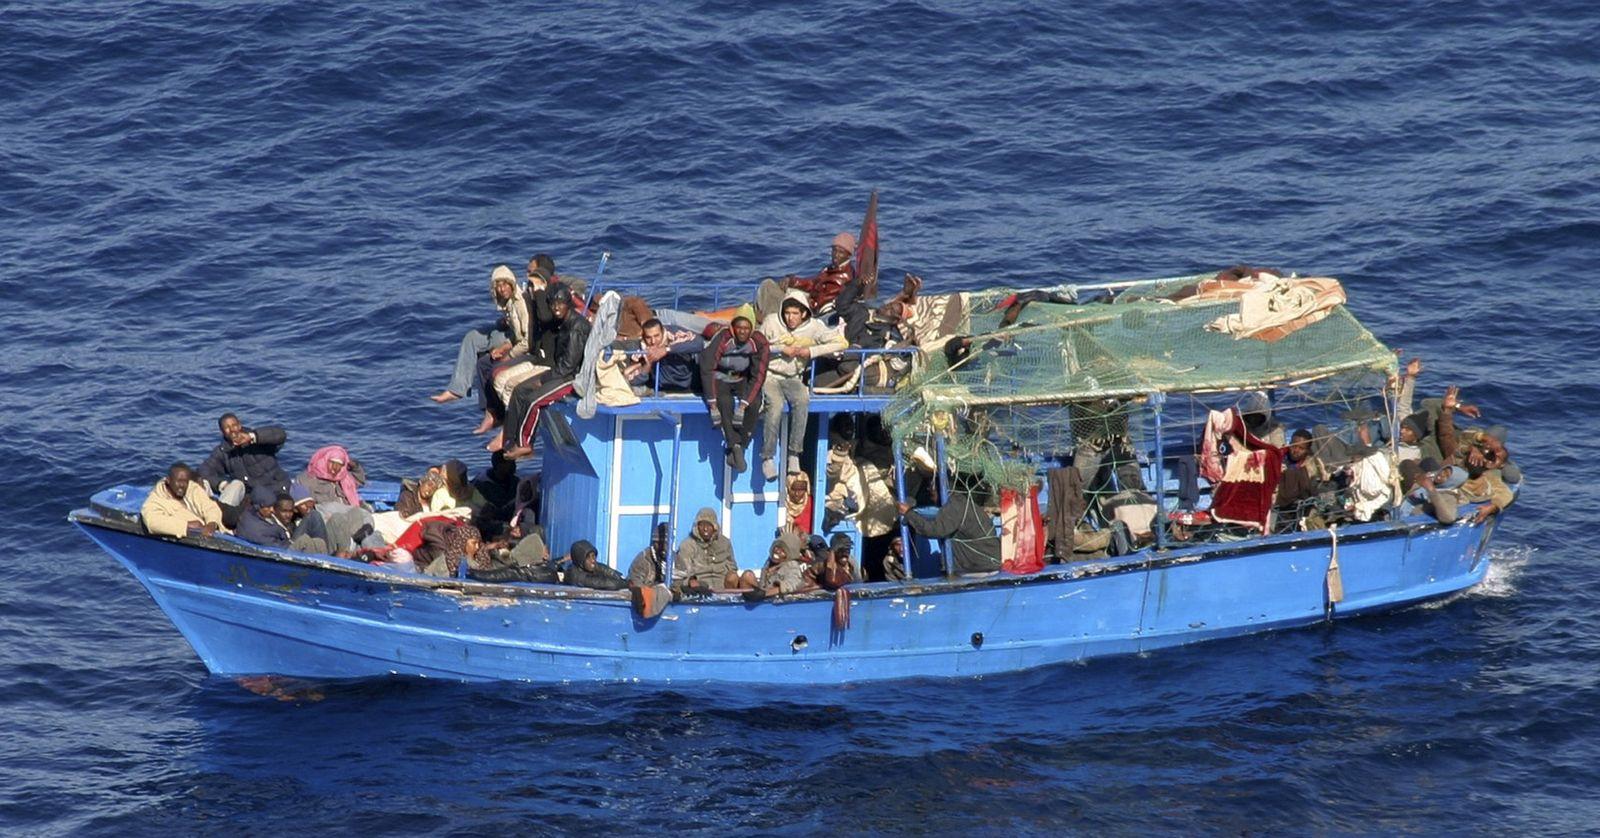 Flüchtlinge / Mittelmeer